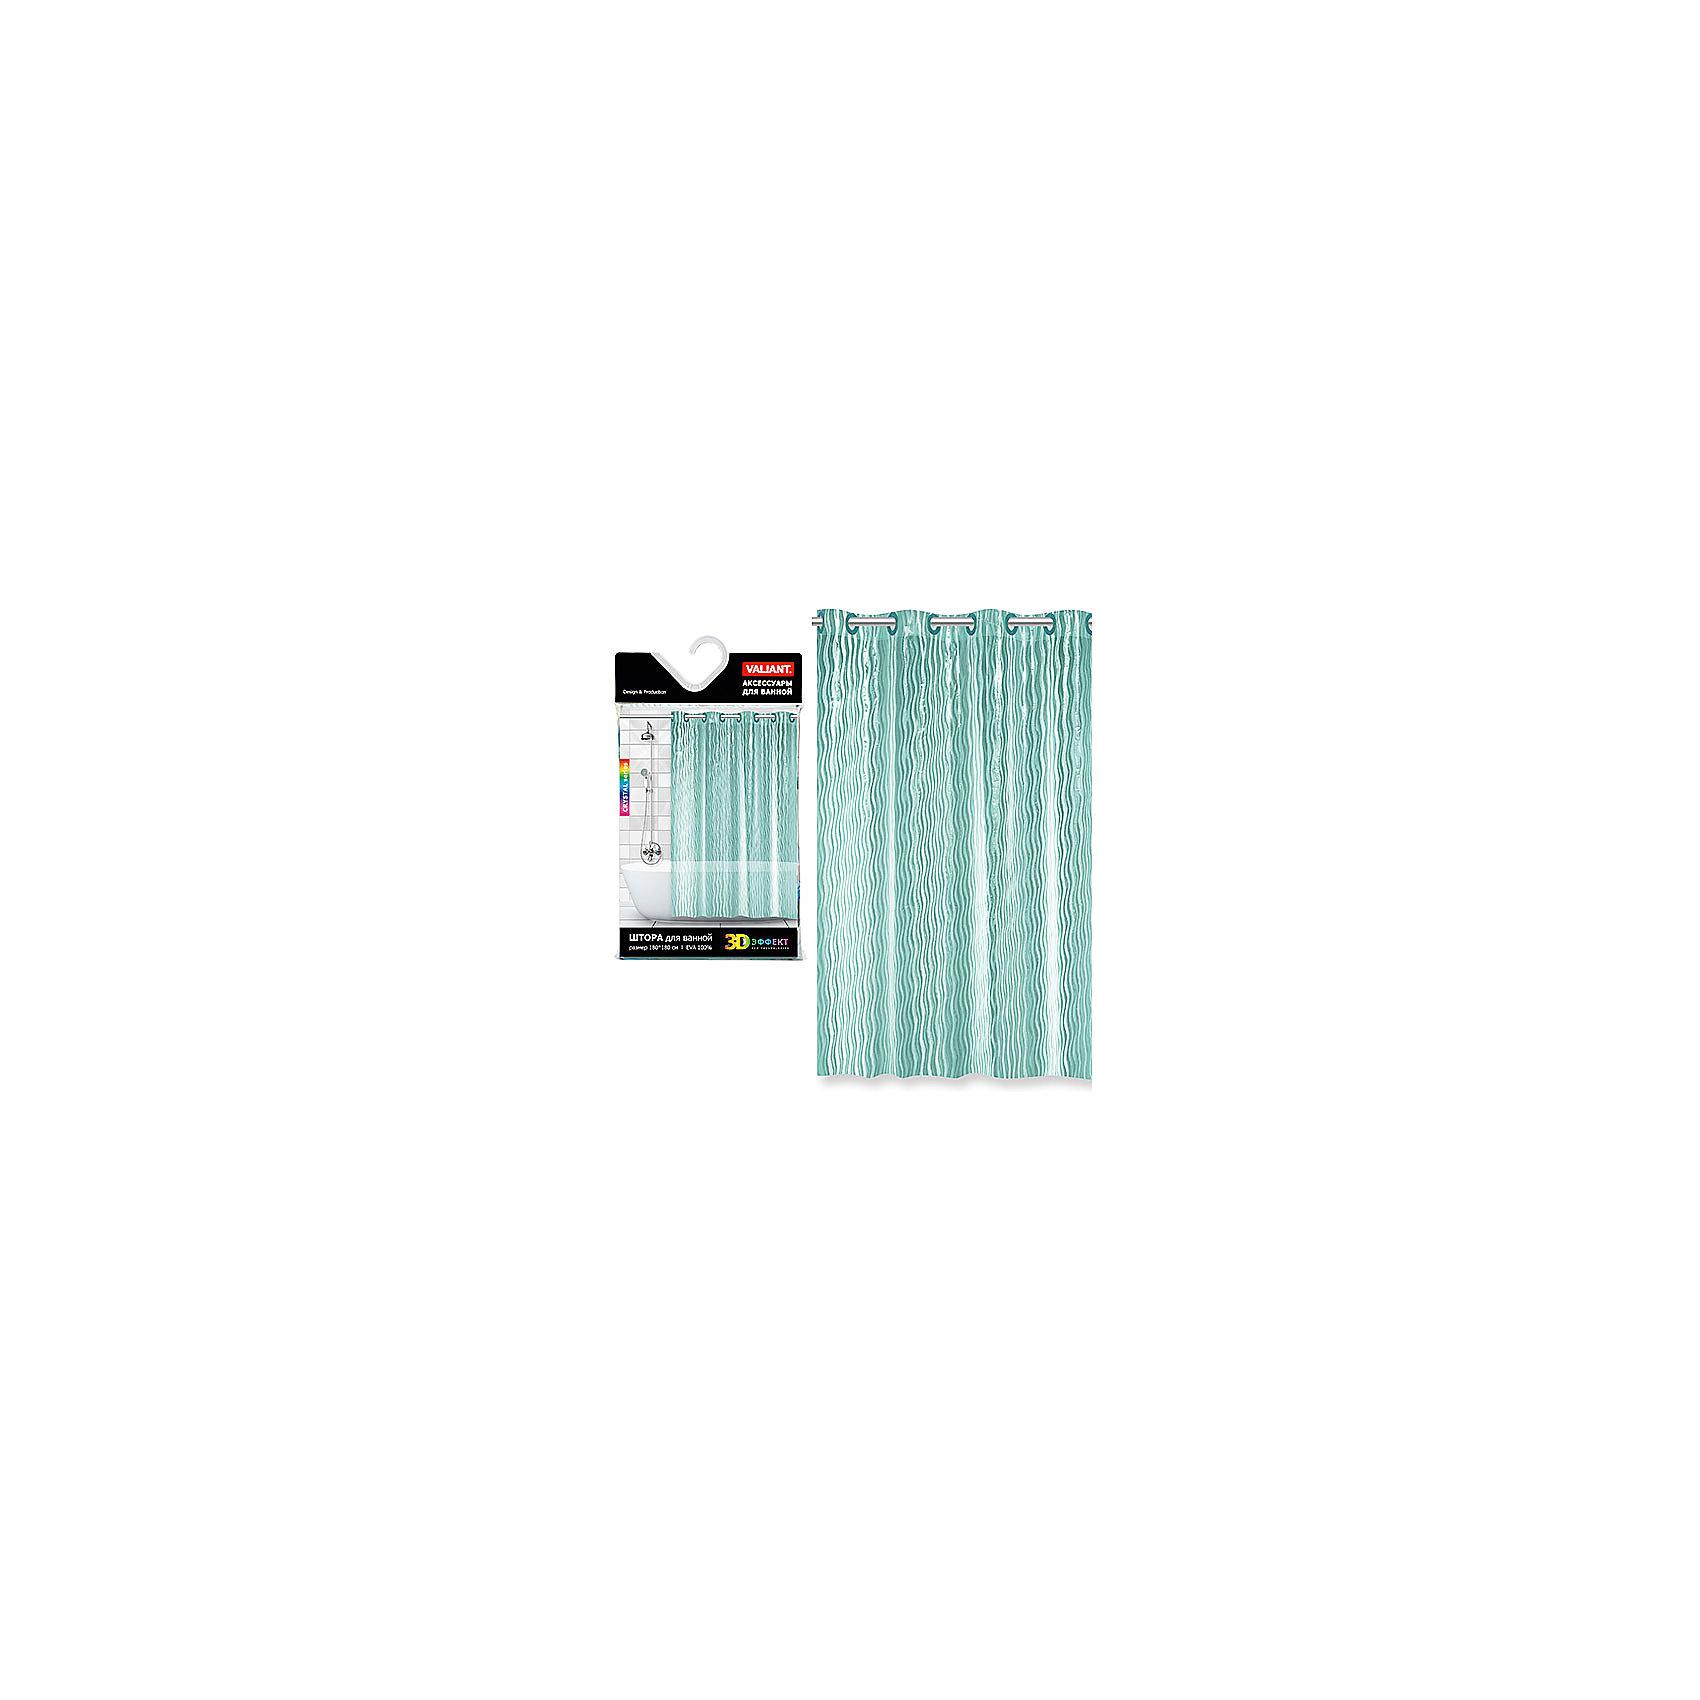 Штора для ванной, EVA, 180*180 см, WATER LINE, ValiantВанная комната<br>Штора для ванной, EVA, 180*180 см, WATER LINE, Valiant (Валиант) - эта уникальная полупрозрачная штора украсит интерьер ванной комнаты.<br>Роскошная штора с изящными струящимися переливами тонких линий WATER LINE от Valiant (Валиант) с завораживающим кристаллическим эффектом (3D-эффектом) способна преобразить ванную комнату. Штора легко крепится на специальных раздвижных люверсах. Высококачественный полимерный материал обладает повышенными водоотталкивающими свойствами, устойчив к воздействию, света и влаги, приятен на ощупь.<br><br>Дополнительная информация:<br><br>- Размер: 180х180 см.<br>- Материал: EVA<br>- 10 больших люверсов<br>- Водоотталкивающие свойства: 100%<br>- Рекомендации по уходу: для удаления мыльного налёта просто протрите штору мягкой влажной губкой. Для чистки сильных загрязнений применяйте мягкие моющие средства. Не рекомендуется использовать растворяющие моющие средства<br><br>Штору для ванной, EVA, 180*180 см, WATER LINE, Valiant (Валиант) можно купить в нашем интернет-магазине.<br><br>Ширина мм: 200<br>Глубина мм: 30<br>Высота мм: 350<br>Вес г: 579<br>Возраст от месяцев: 36<br>Возраст до месяцев: 216<br>Пол: Унисекс<br>Возраст: Детский<br>SKU: 4993396